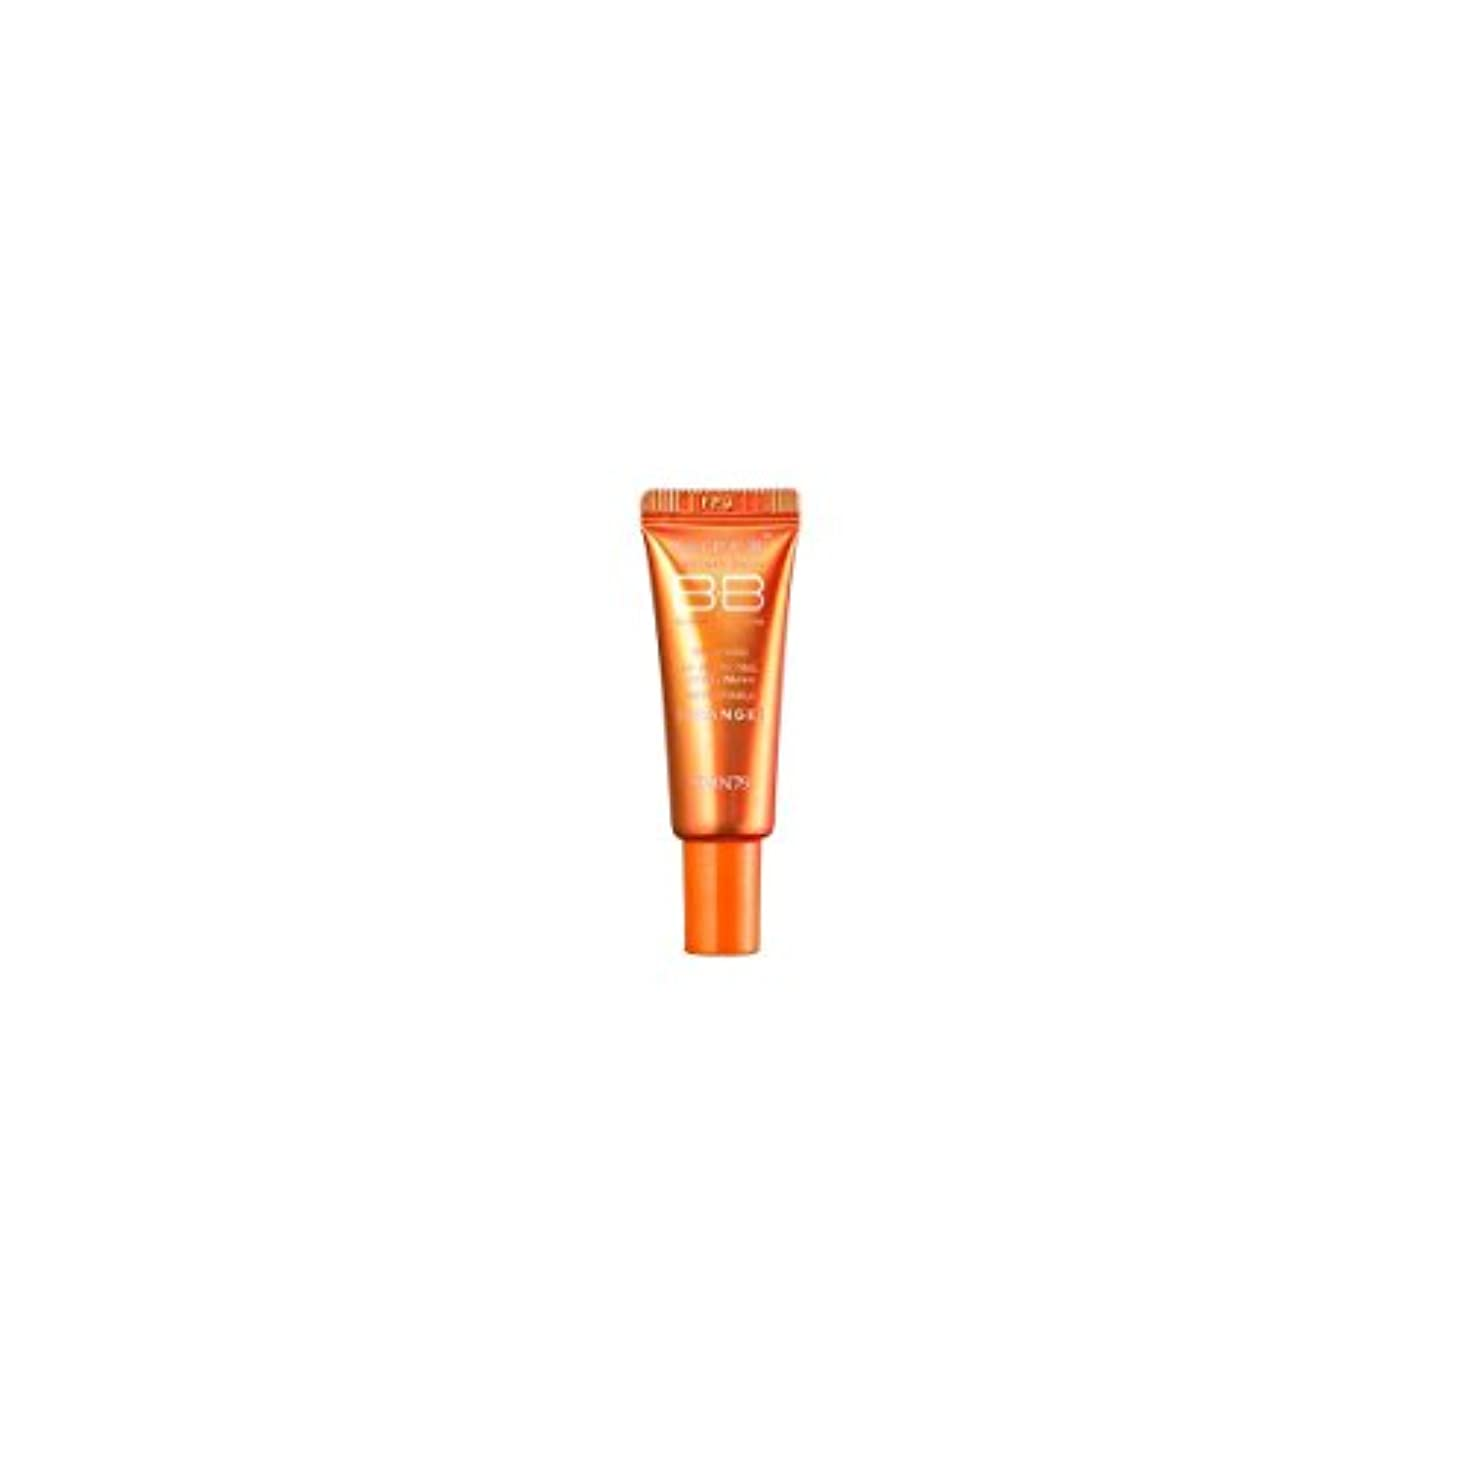 おじいちゃんコウモリ麦芽SKIN79 スキン79スーパートリプル機能BBクリーム - オレンジ